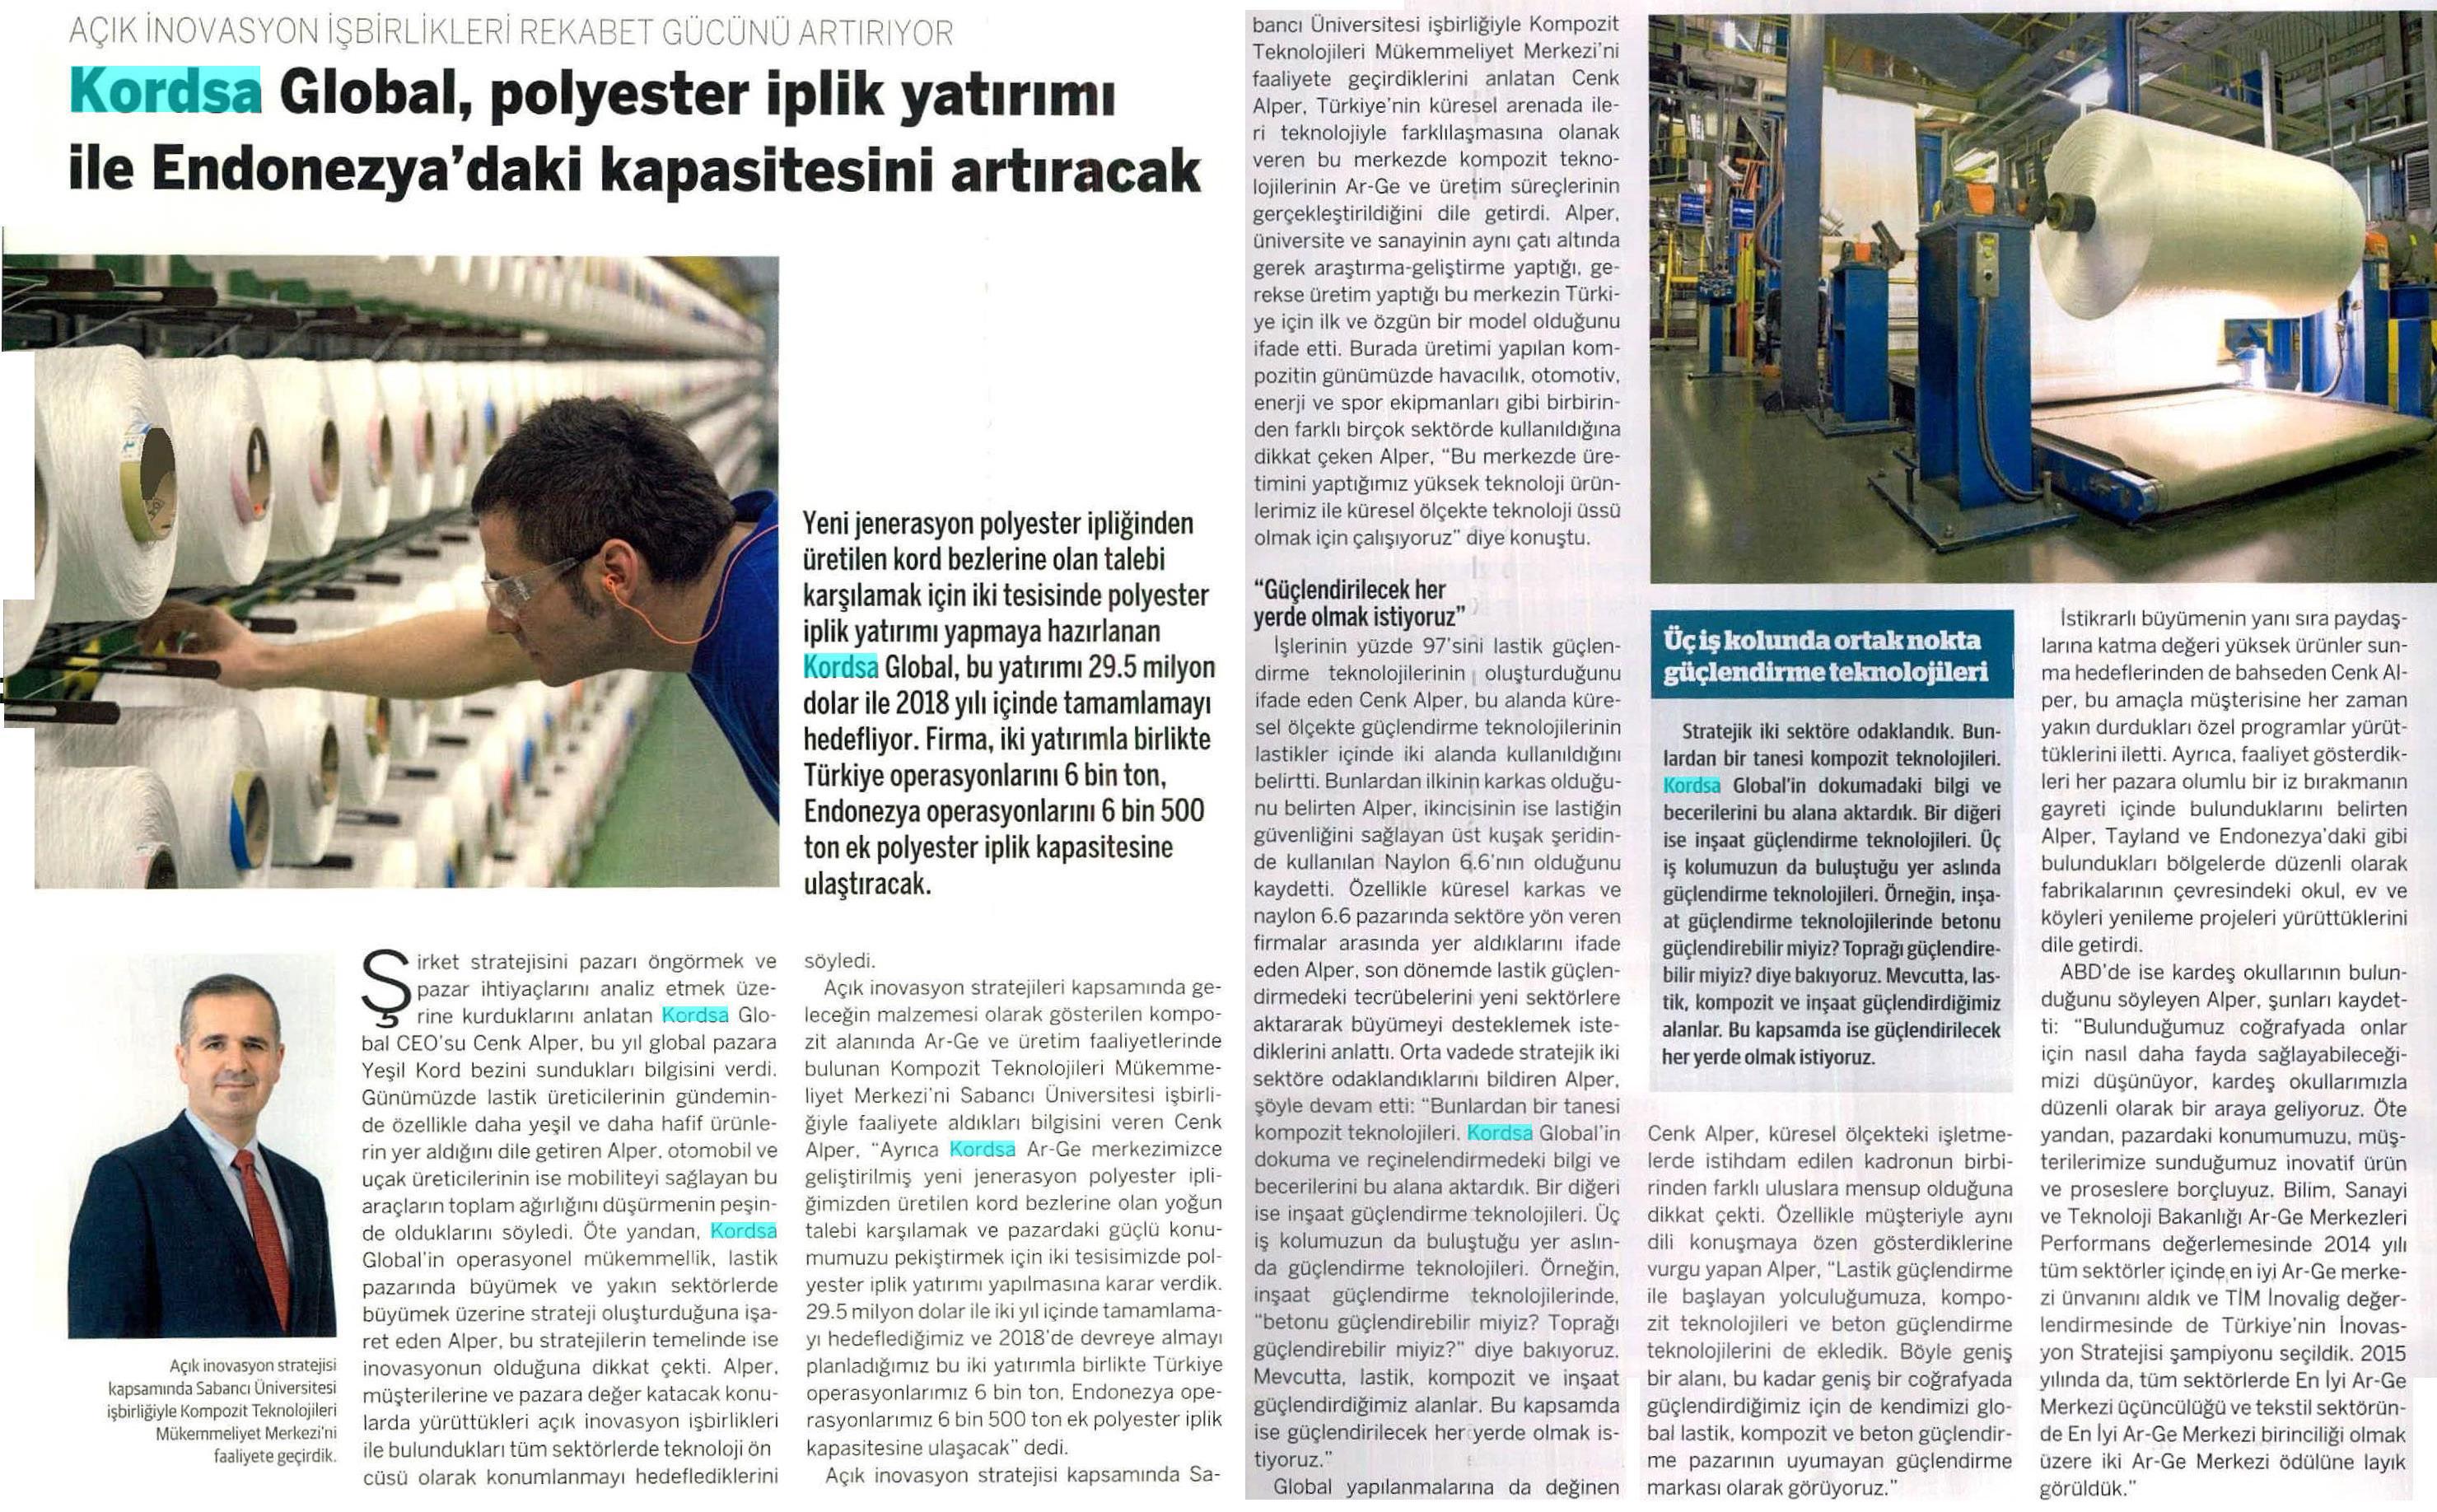 Kordsa, polyester iplik yatırımı ile Endonezya'daki kapasitesini artıracak.